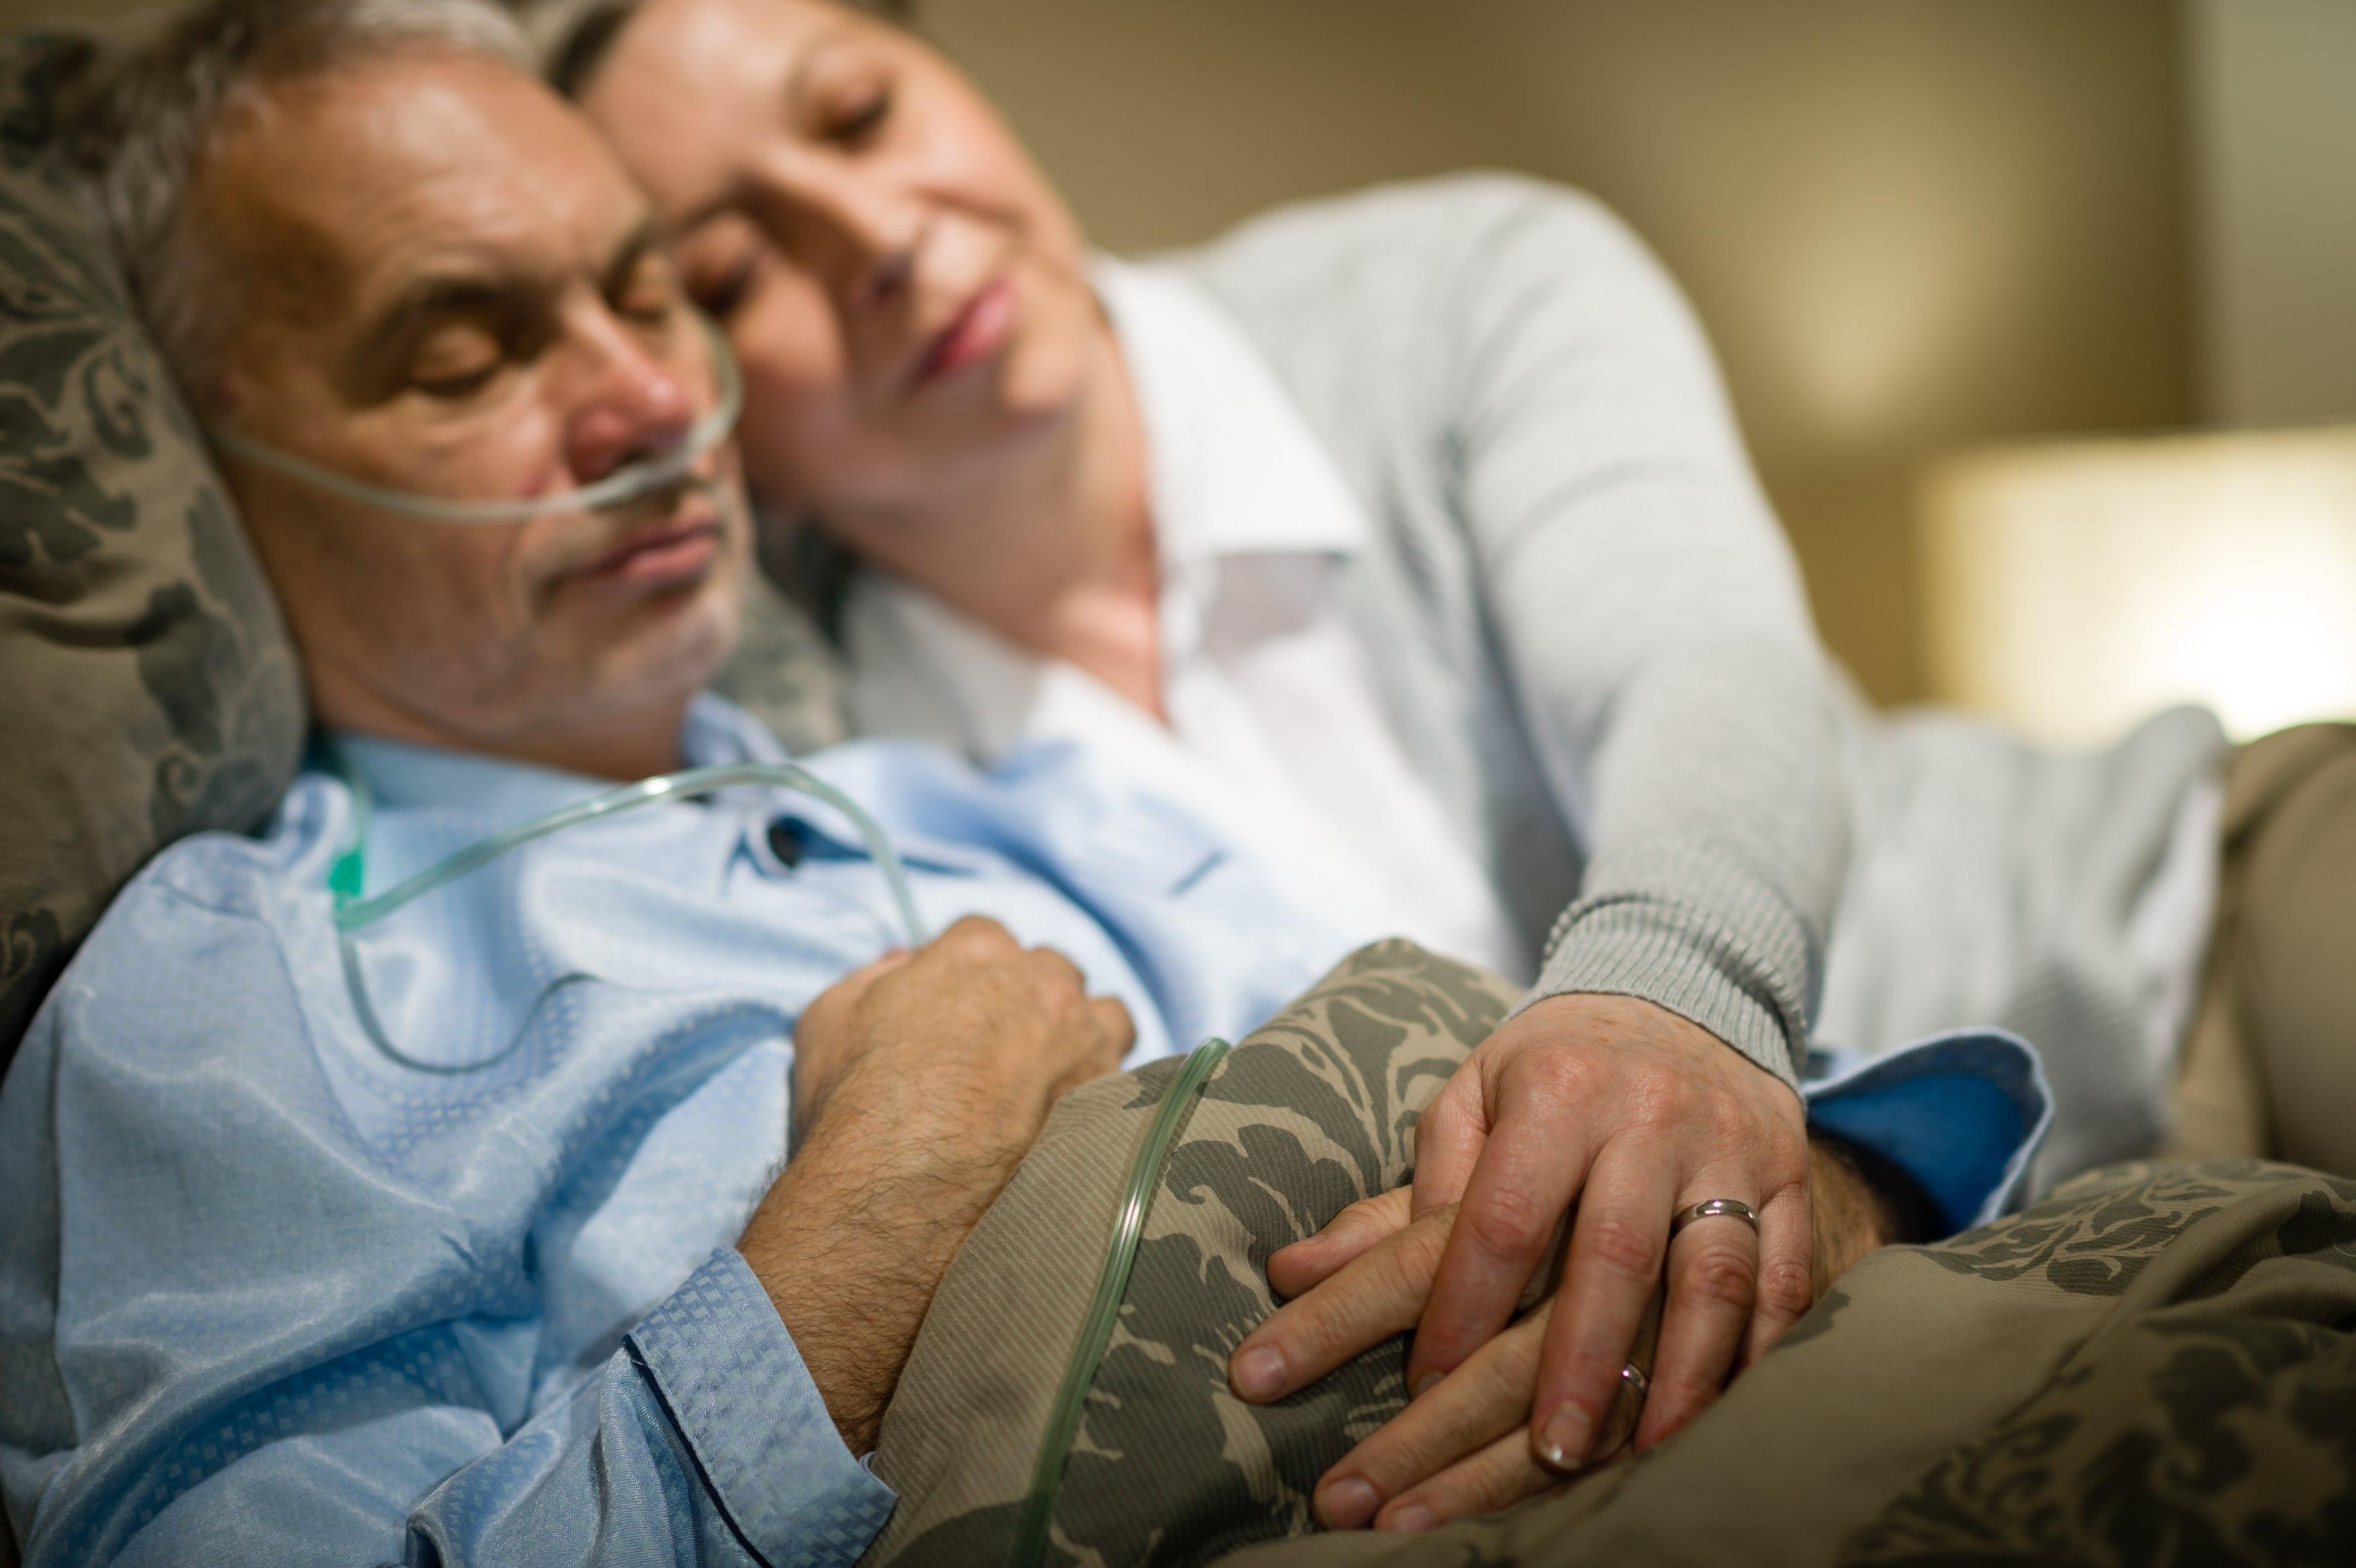 Dla chorego mężczyzny wsparcie partnerki jest niezwykle ważne (fot. Shutterstock.com)